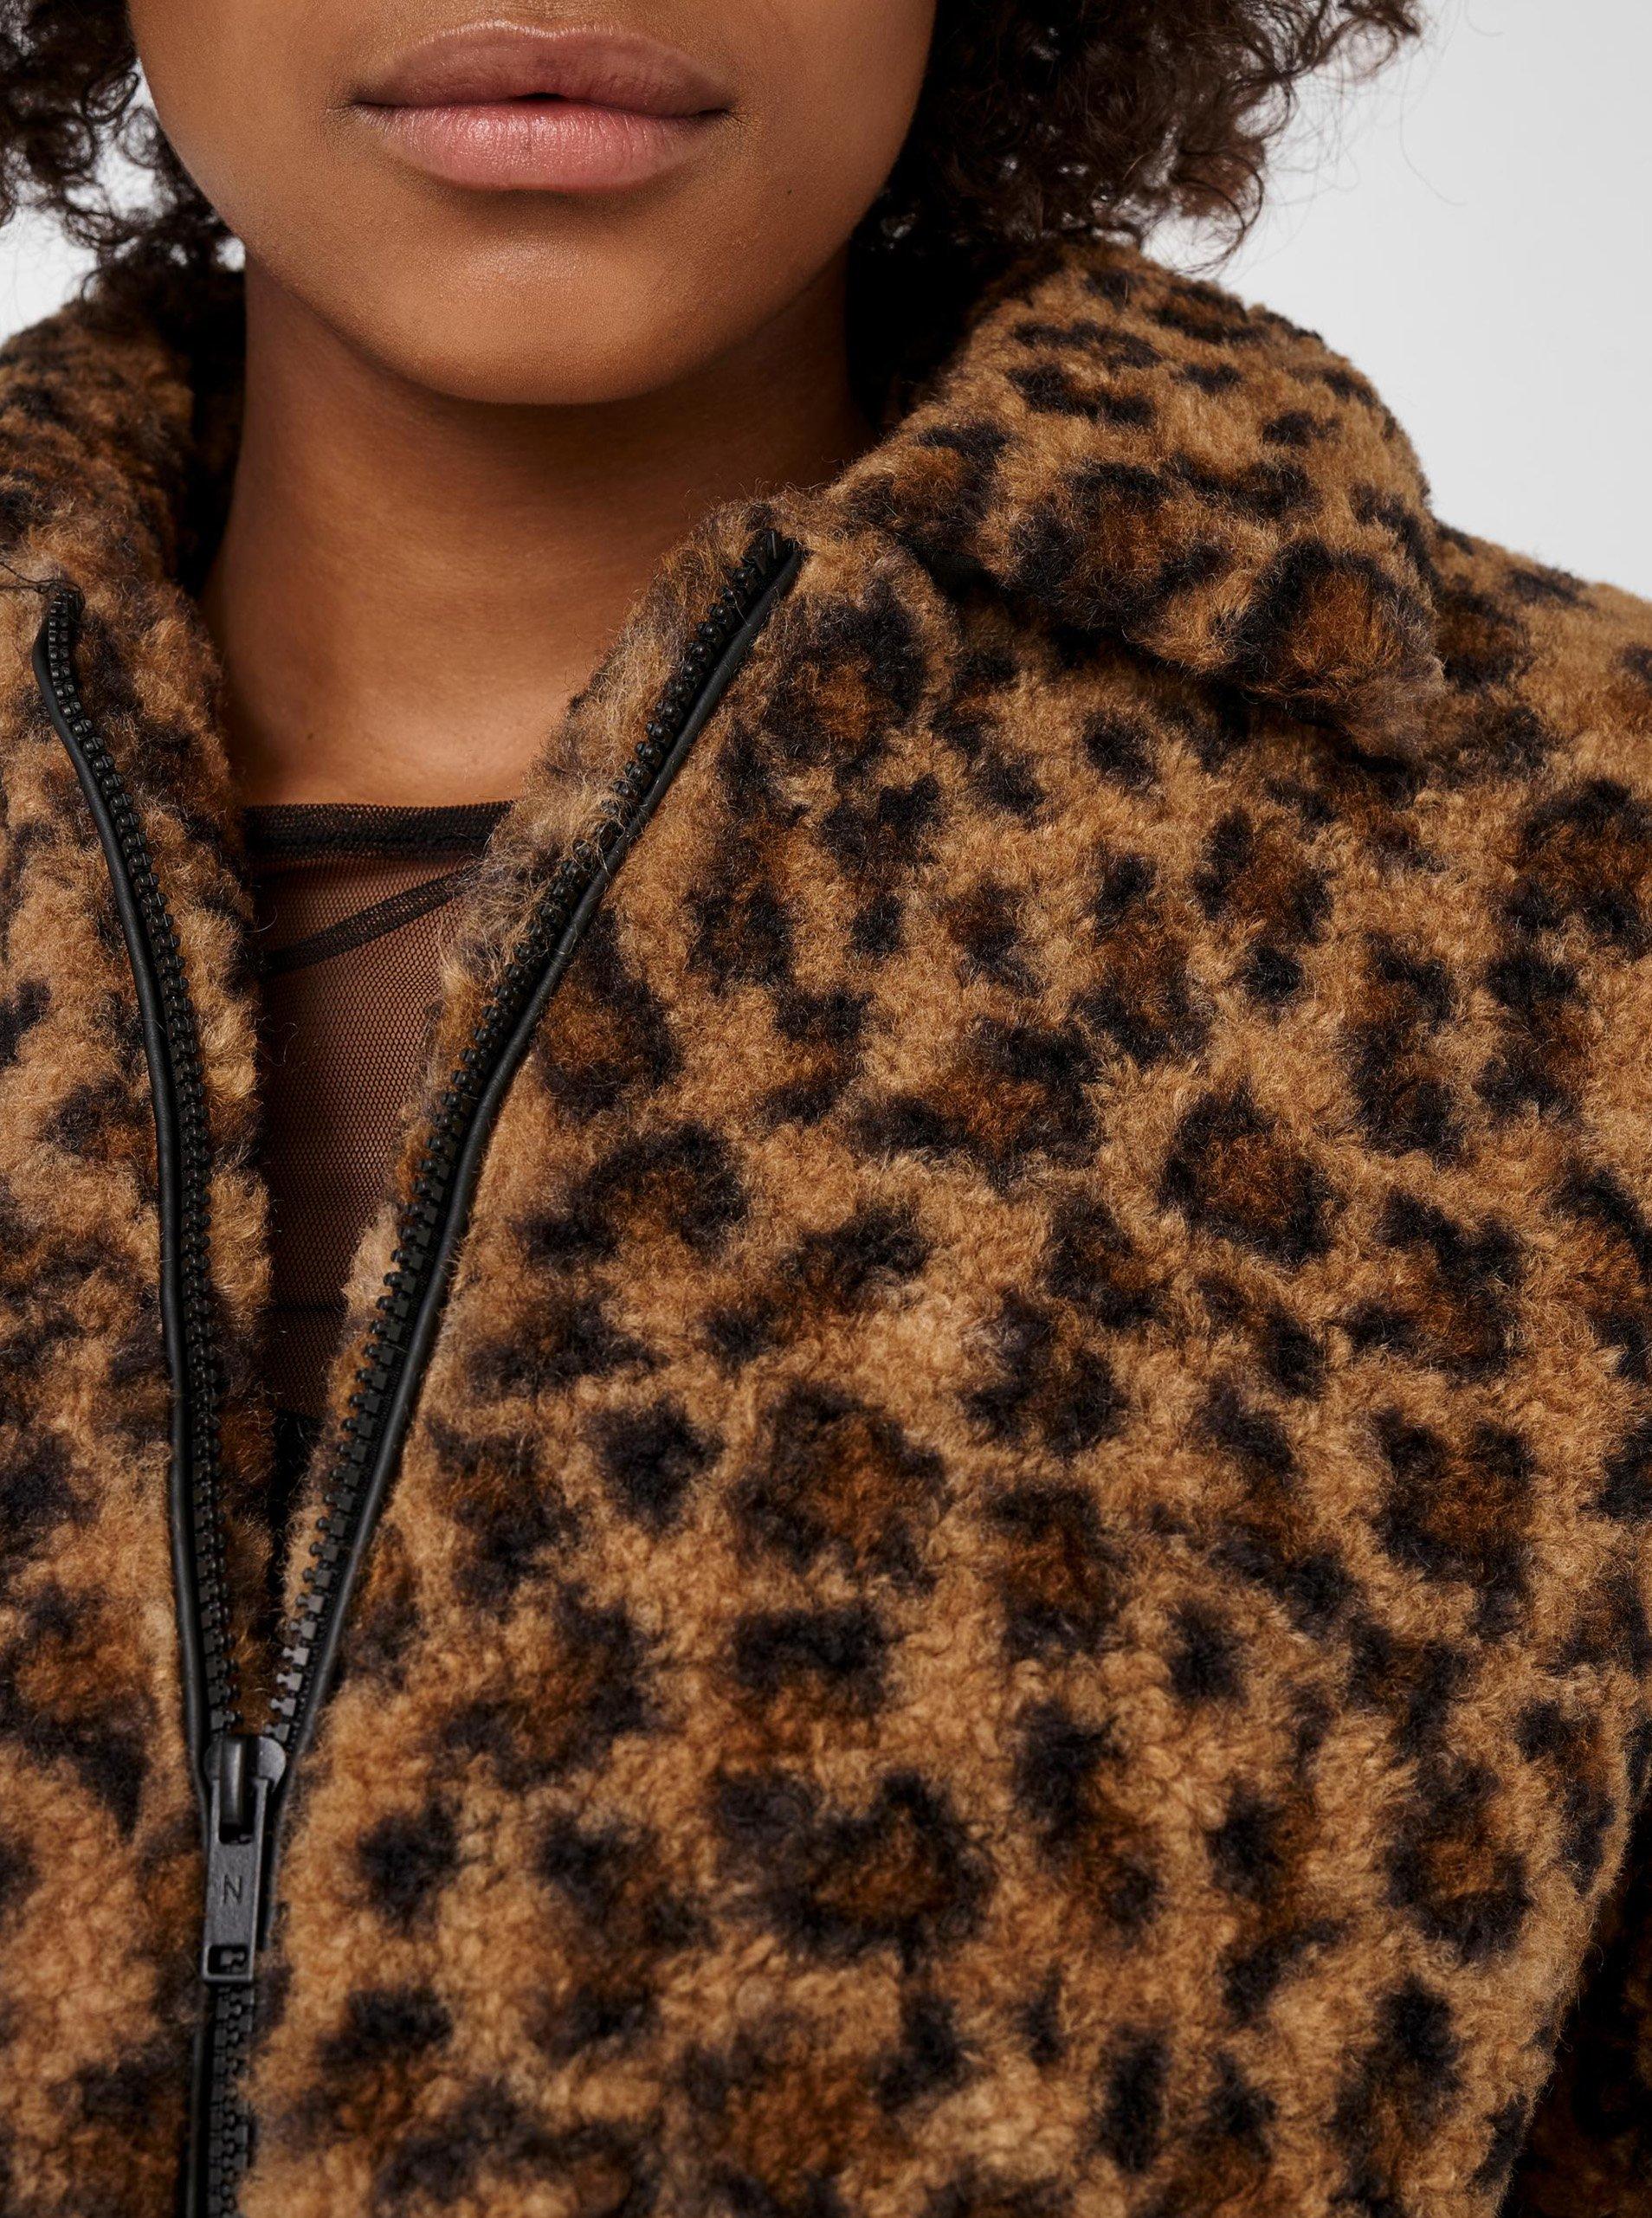 Hnedá bunda s leopardím vzorom a umelým kožúškom Noisy May Gabi.